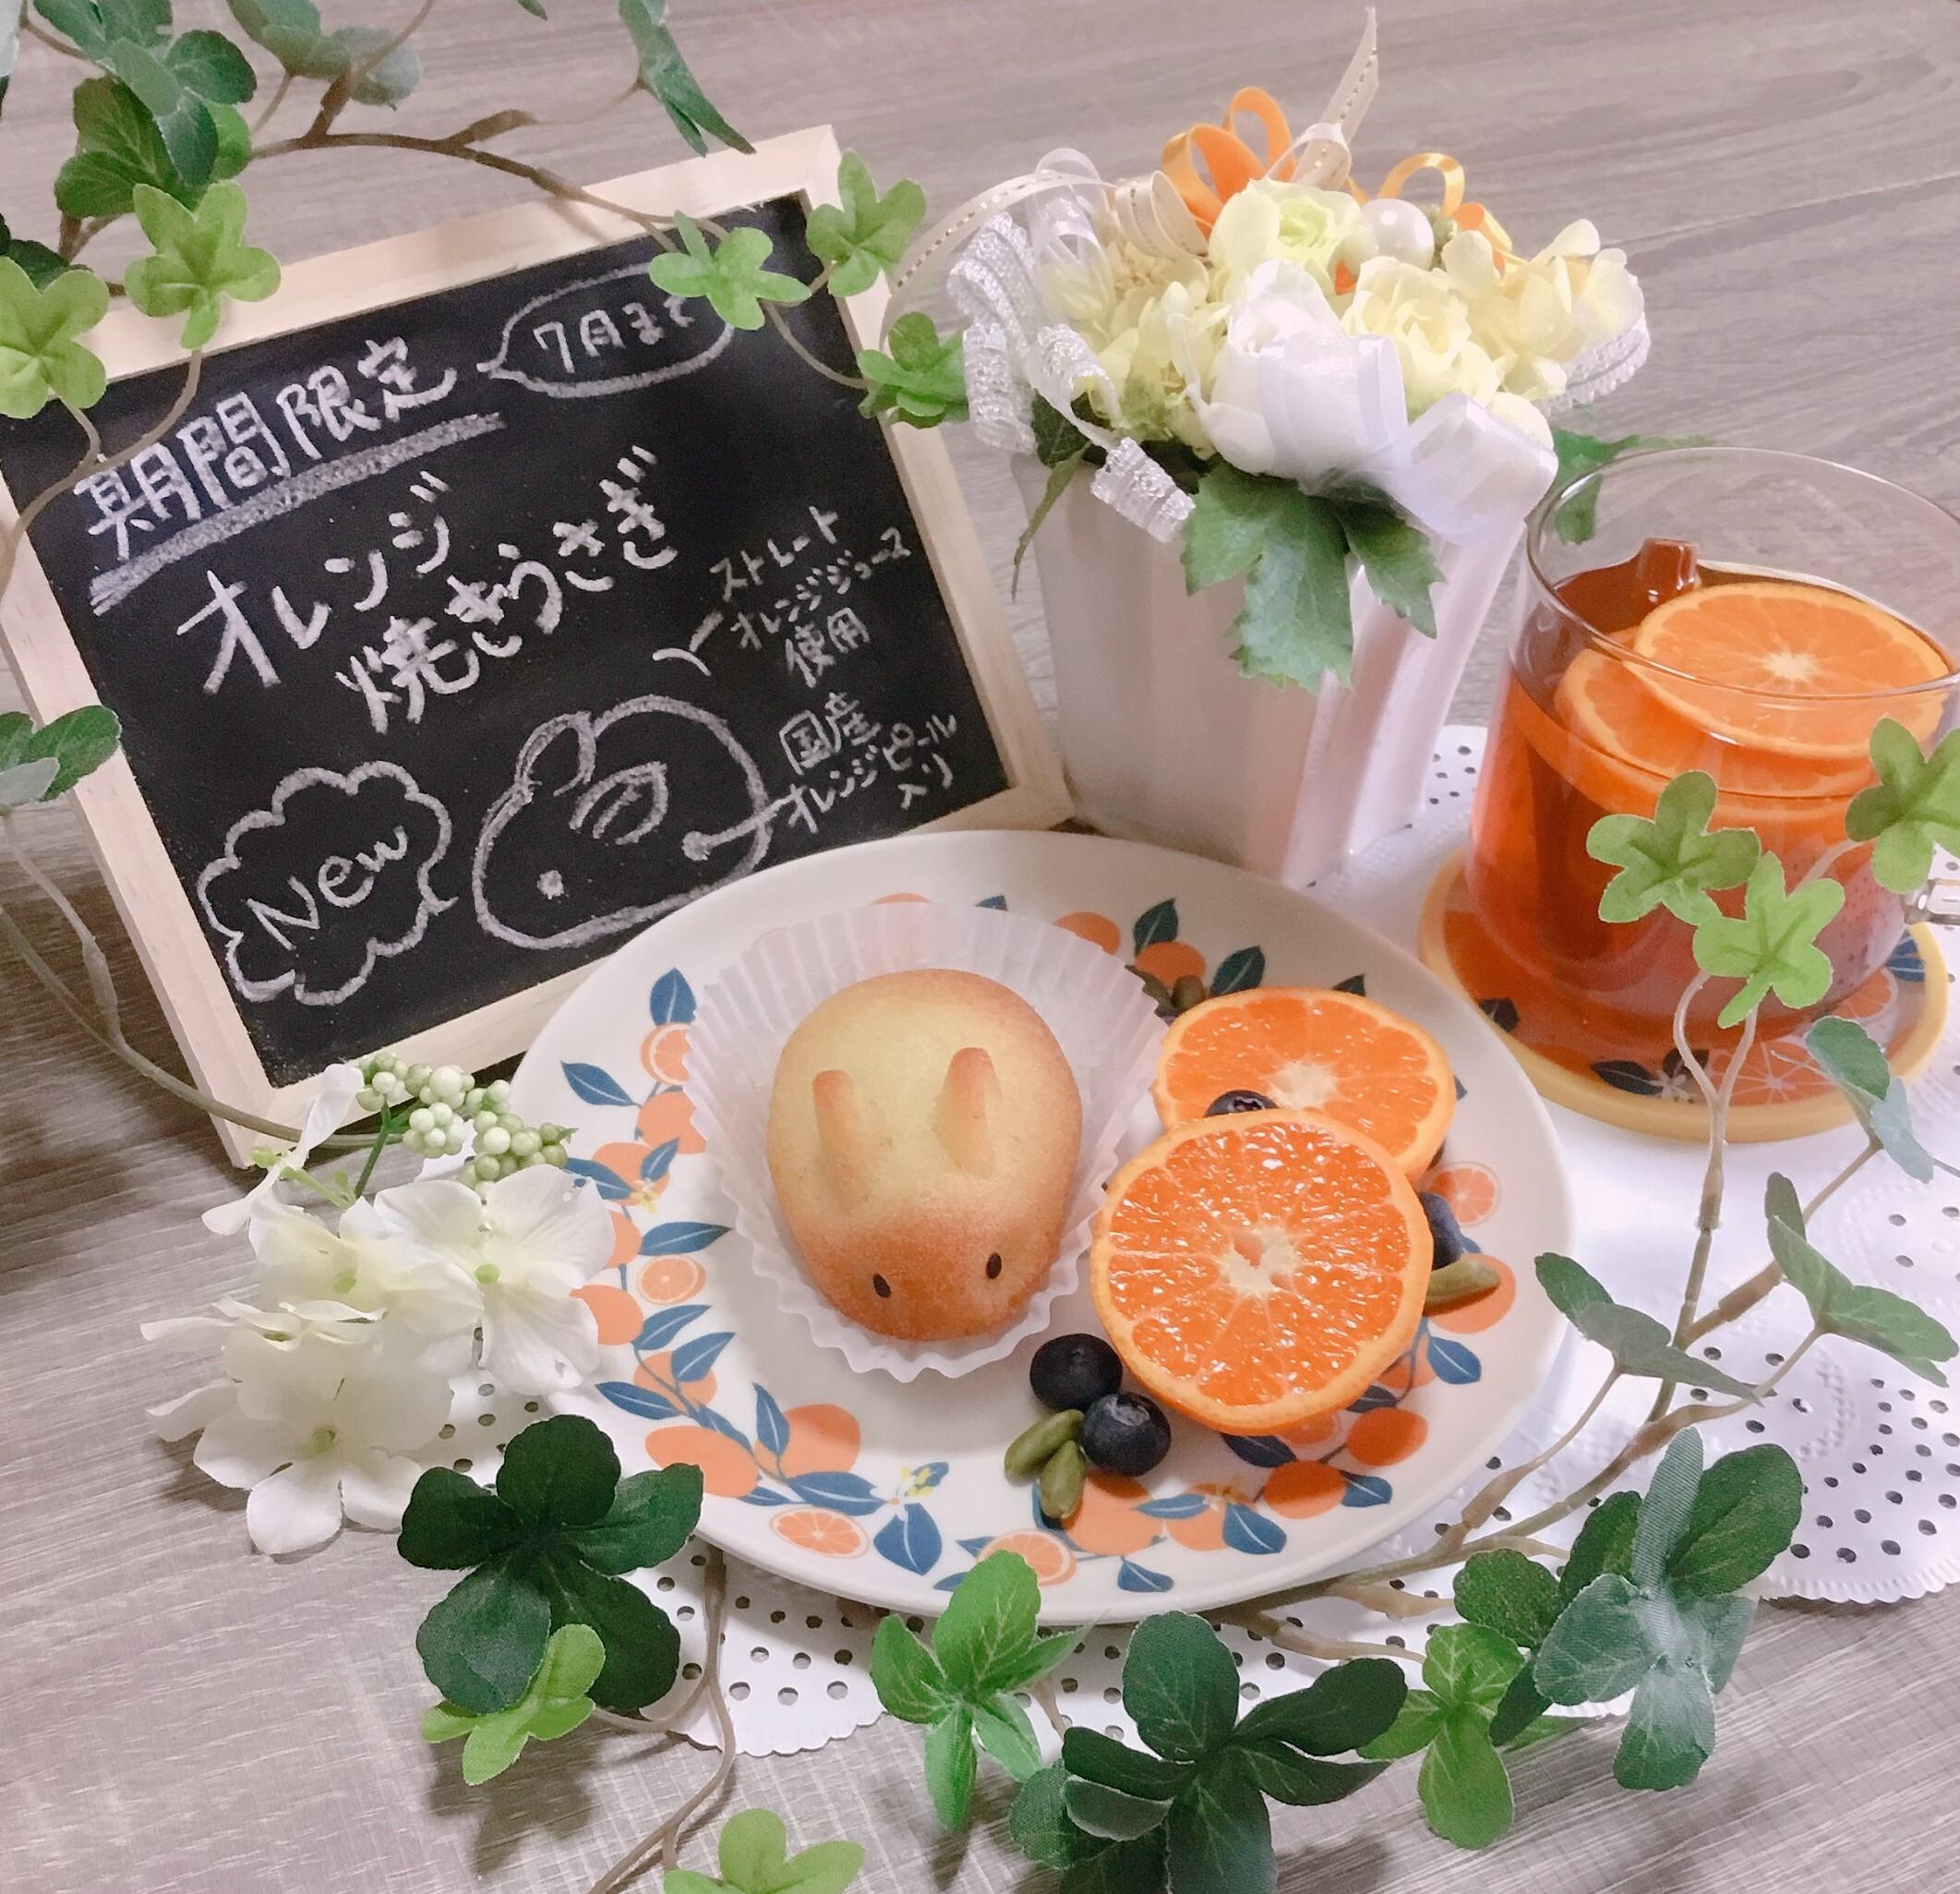 【月~金曜日発送】オレンジ焼きうさぎ3羽セット※期間限定(焼き菓子/フィナンシェ/お菓子ギフト)